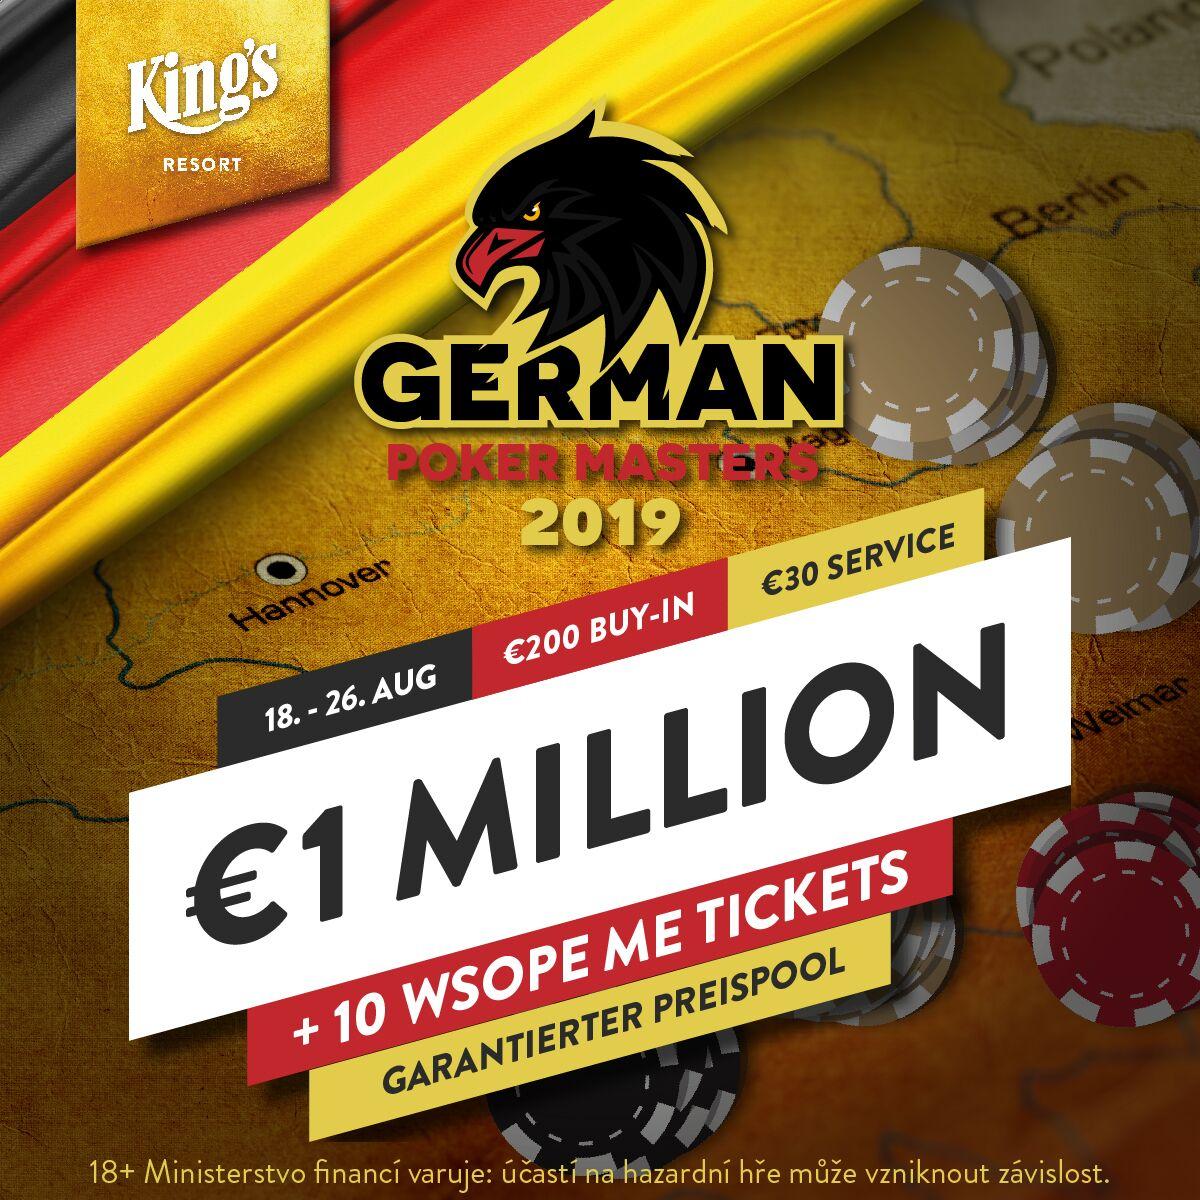 Staňte se součástí rekordního turnaje! German Poker Masters vKing's čeká 7 tisíc registrací